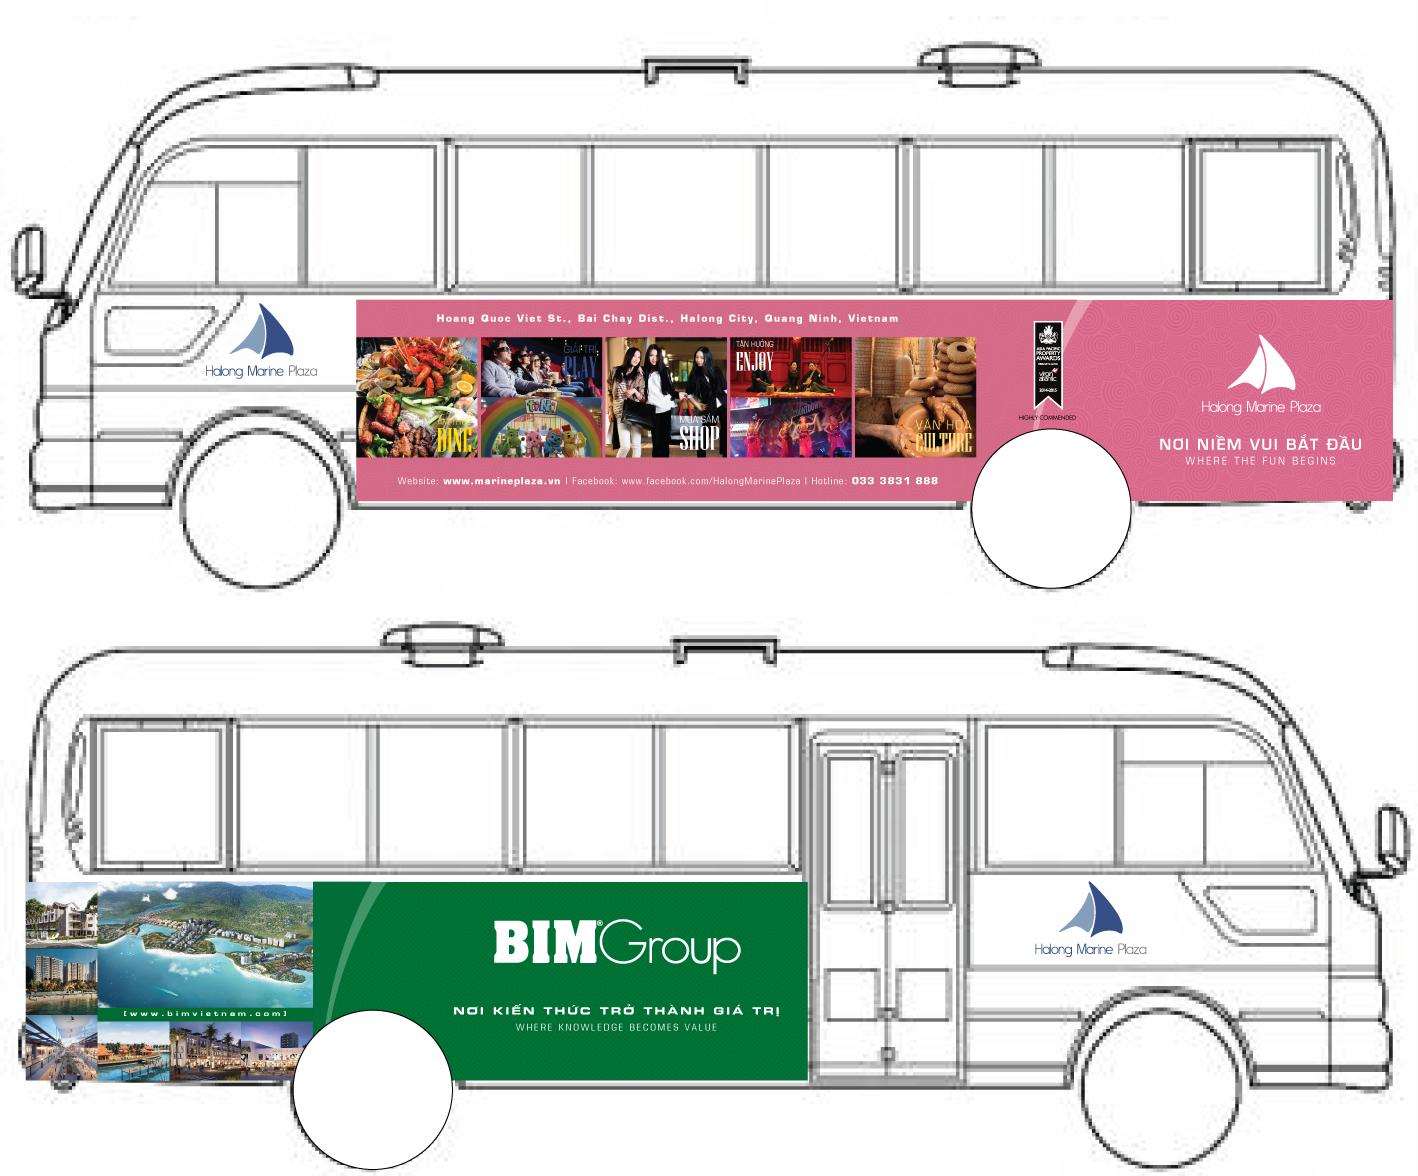 Xe bus du lịch miễn phí đầu tiên tại thành phố biển Hạ Long